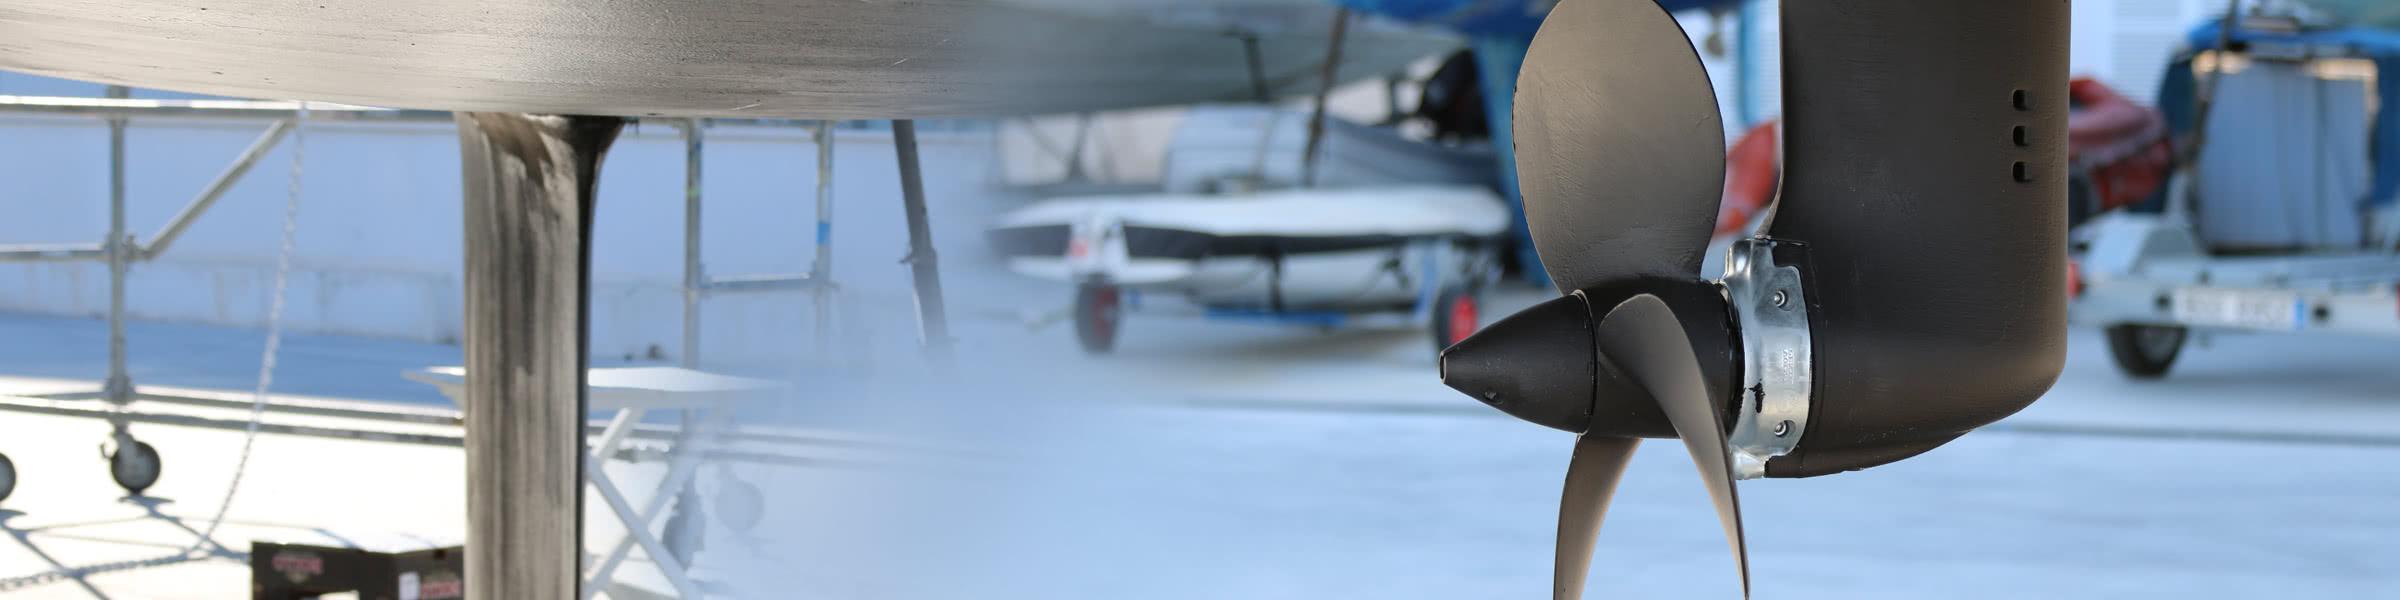 Antifouling für Ihren Propeller und Antrieb